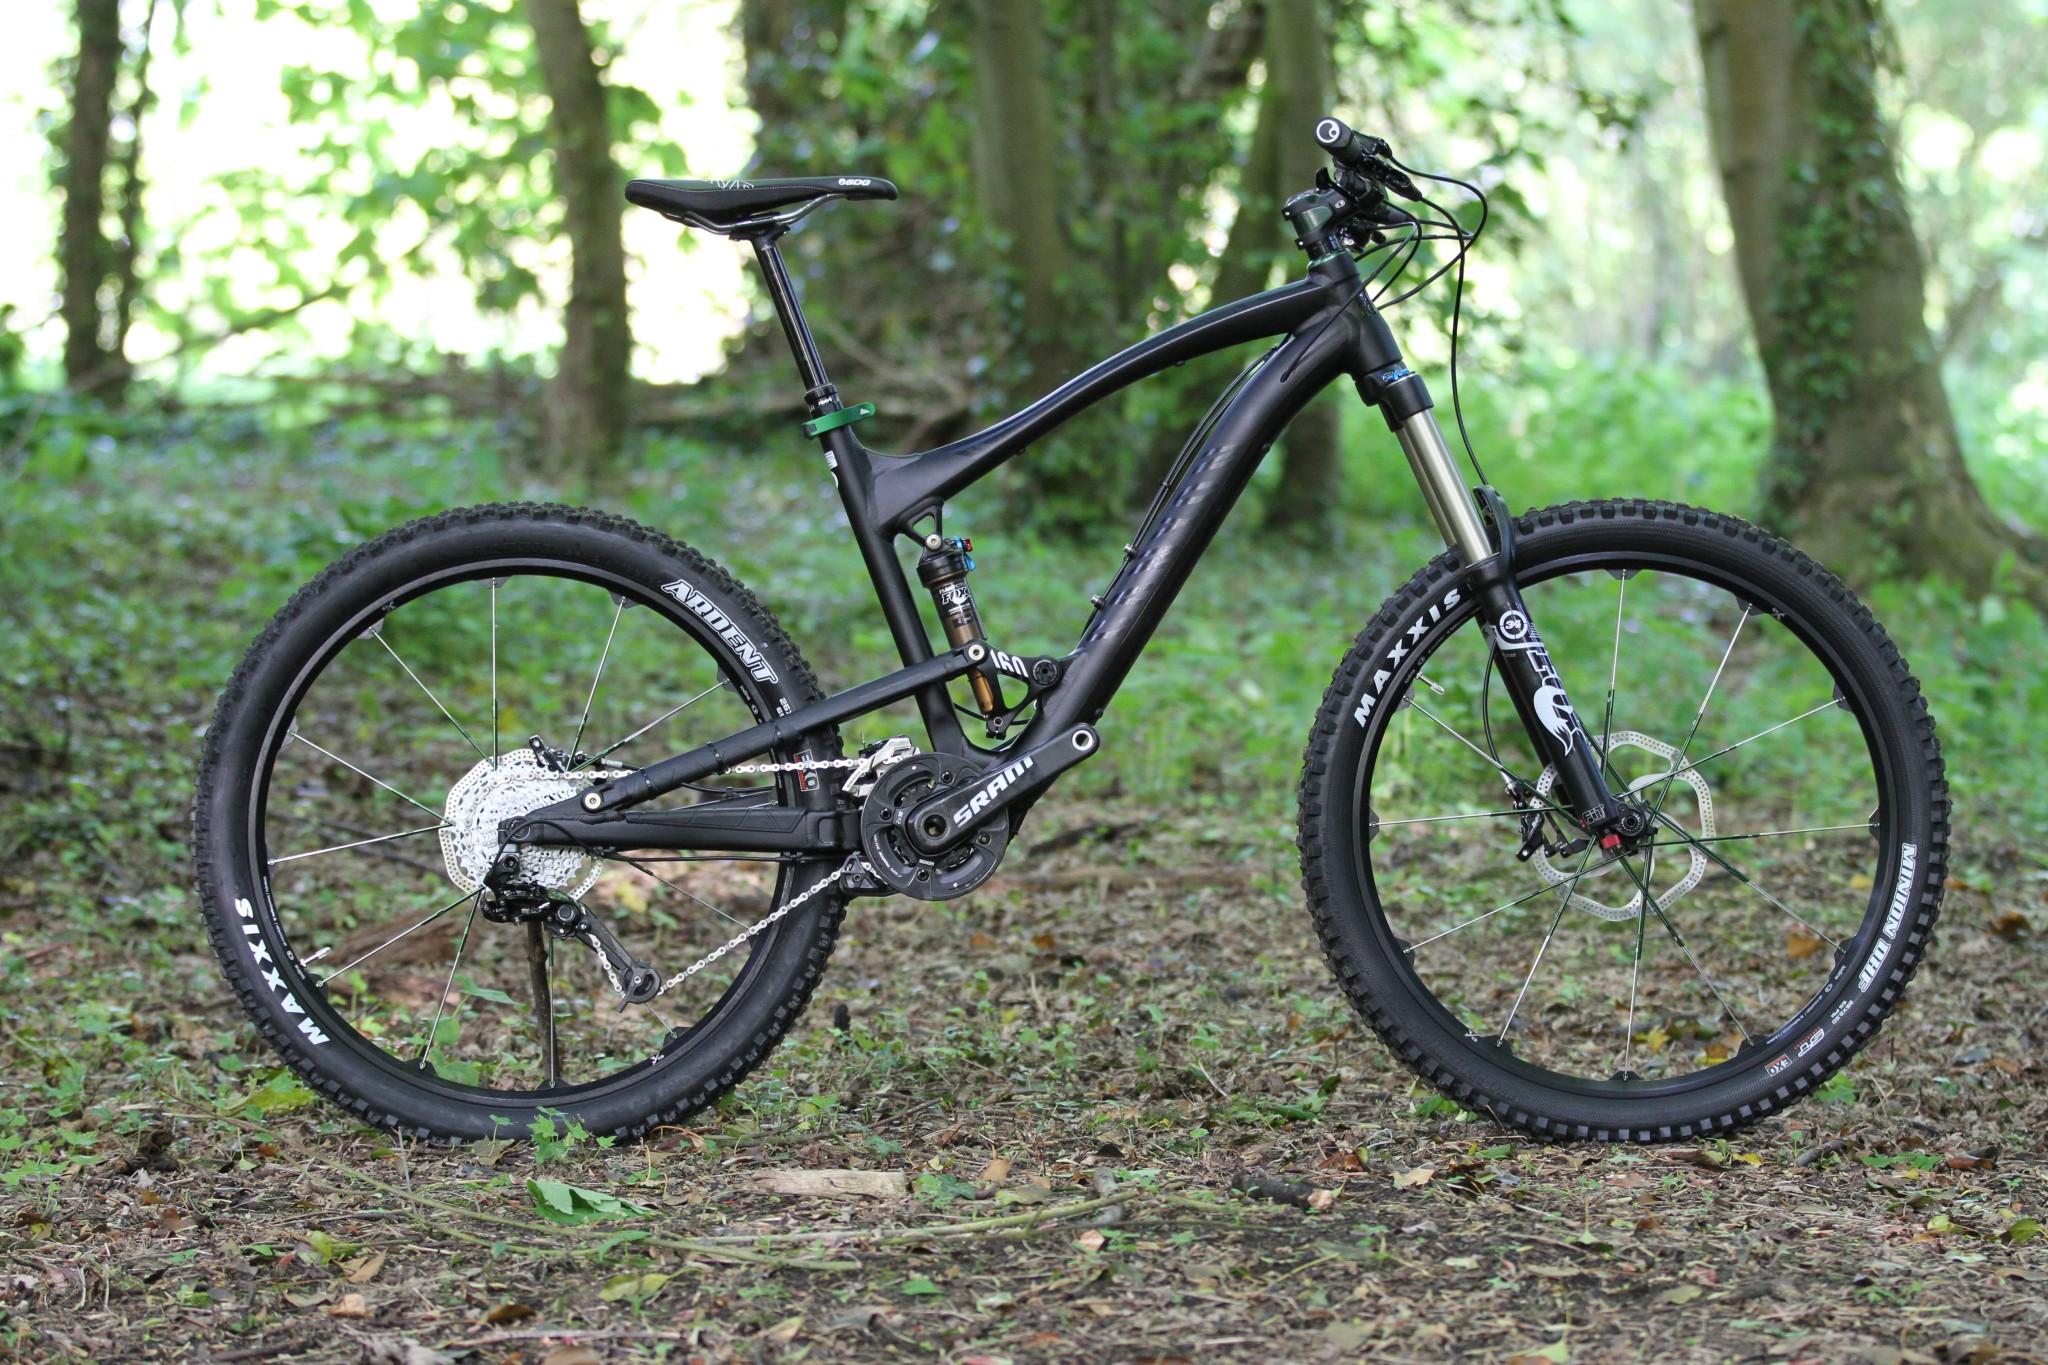 canyon bicycles strive al 90 2013 reviews 187 bikes